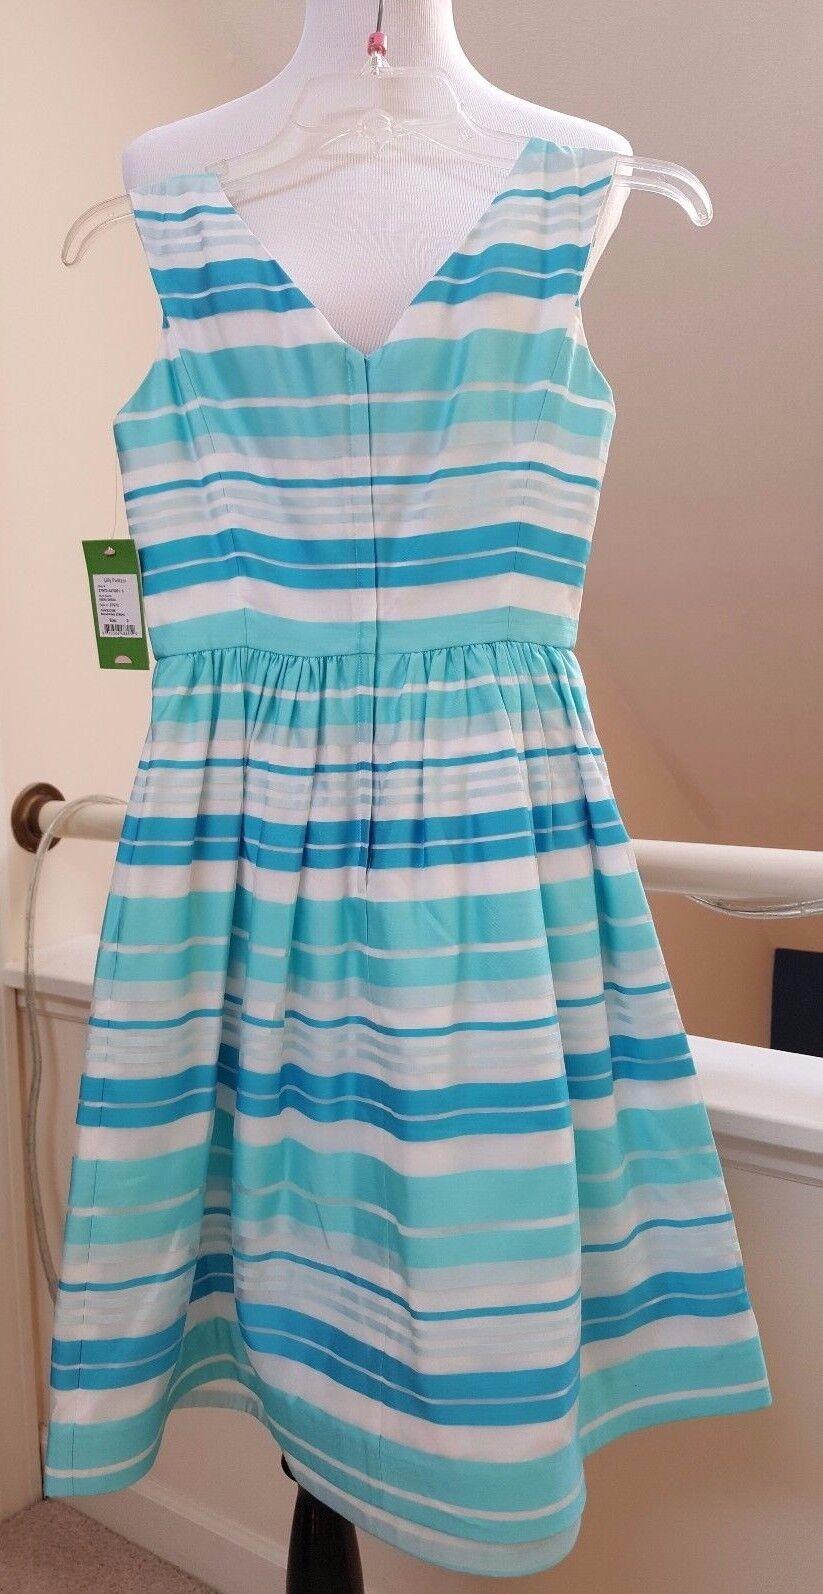 New New New Lilly Pulitzer Silk Kiera Stripe Dress, White Turquoise Size 0 59fcb4